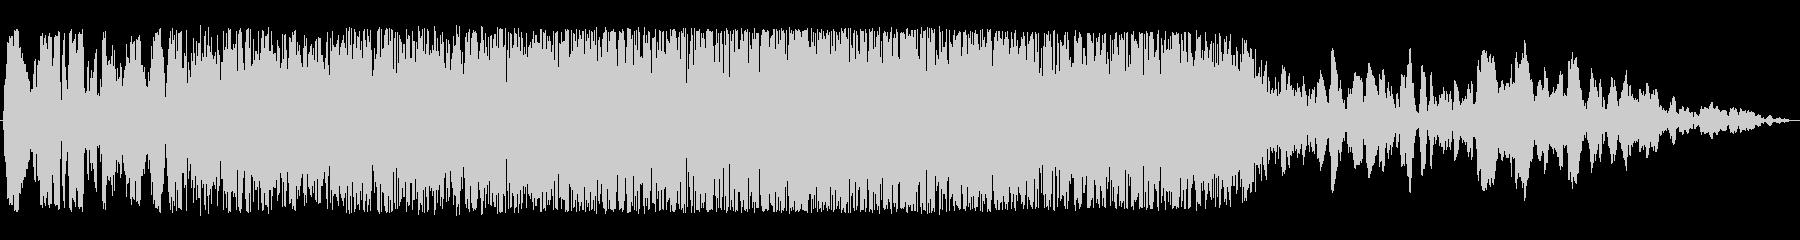 通過音(宇宙船、不思議な物体、神秘的)の未再生の波形